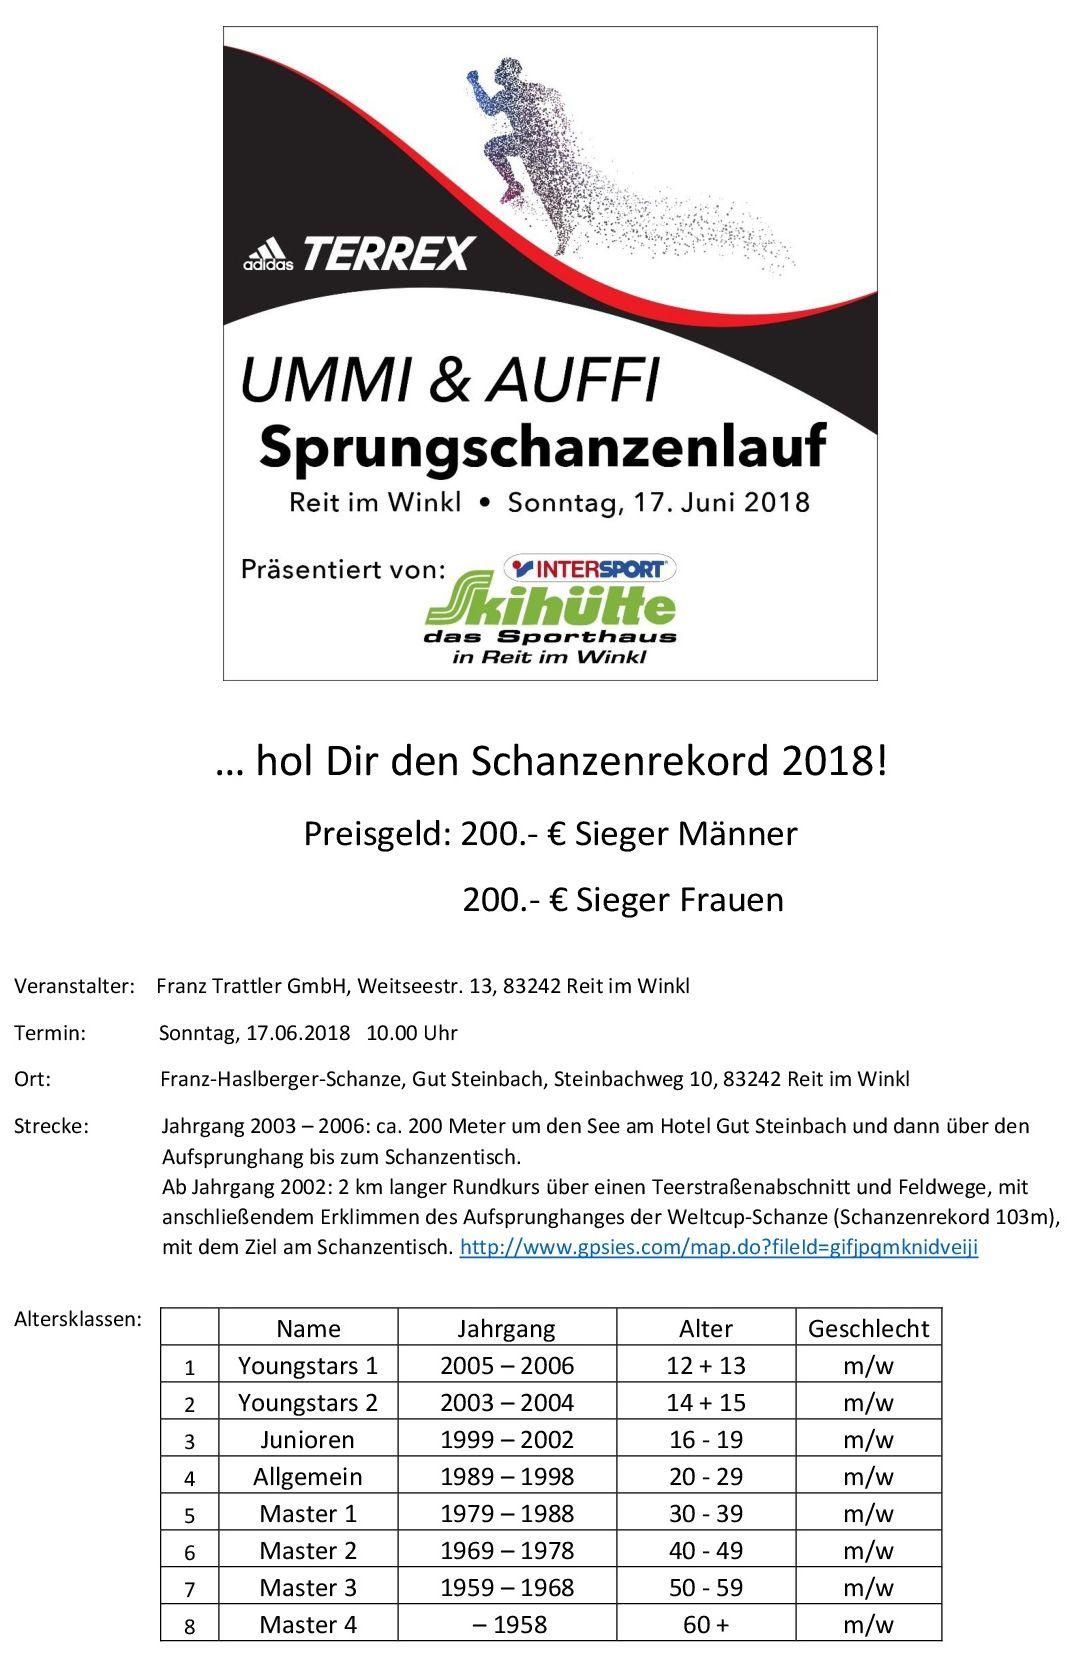 UMMI & AUFFI Ausschreibung 1